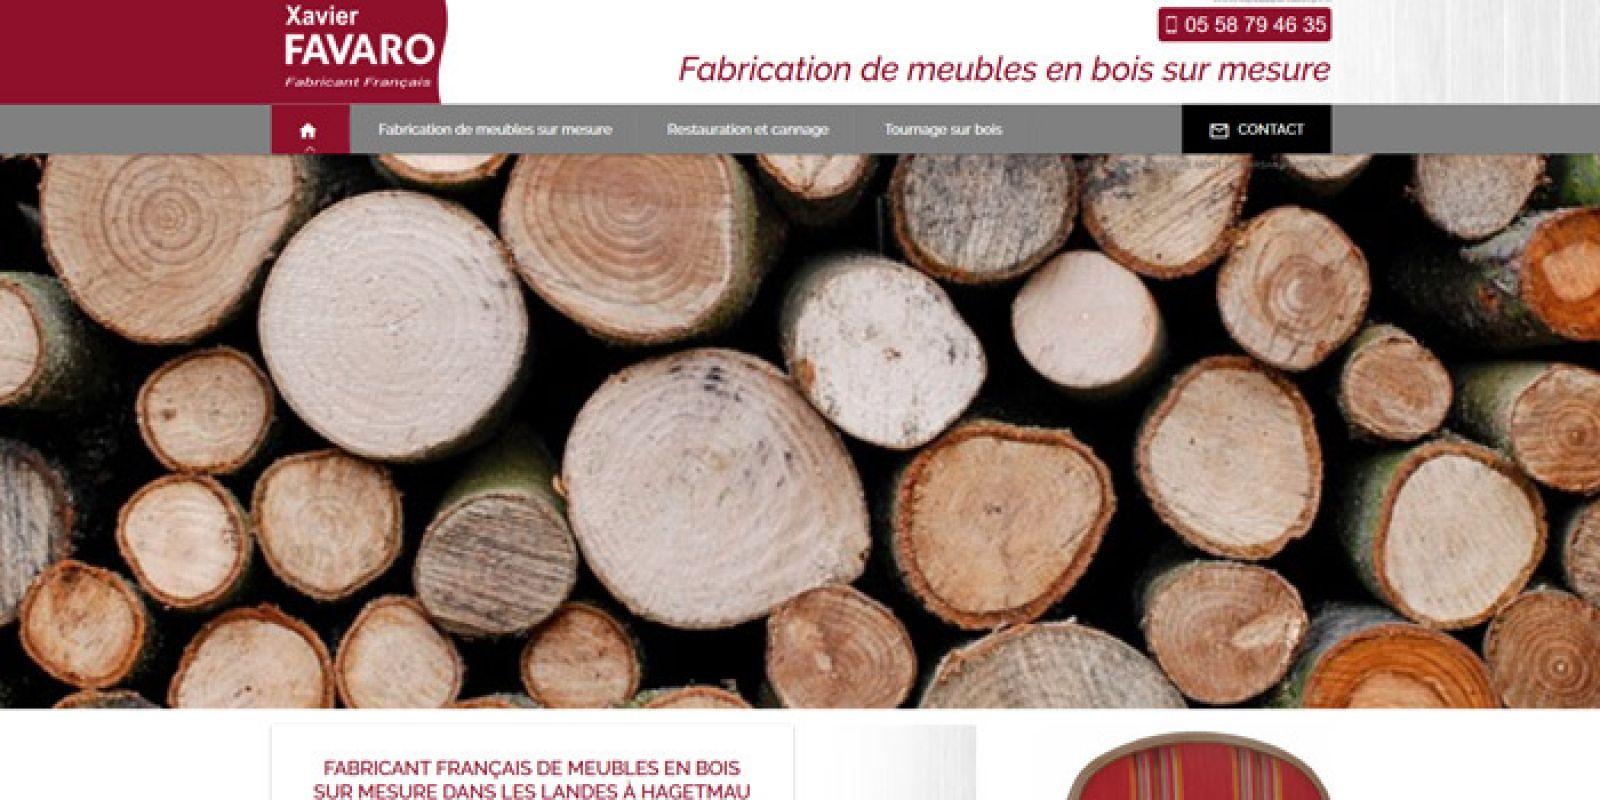 Ebeniste Mont De Marsan meubles favaro ebéniste fabrication de meubles sur mesure